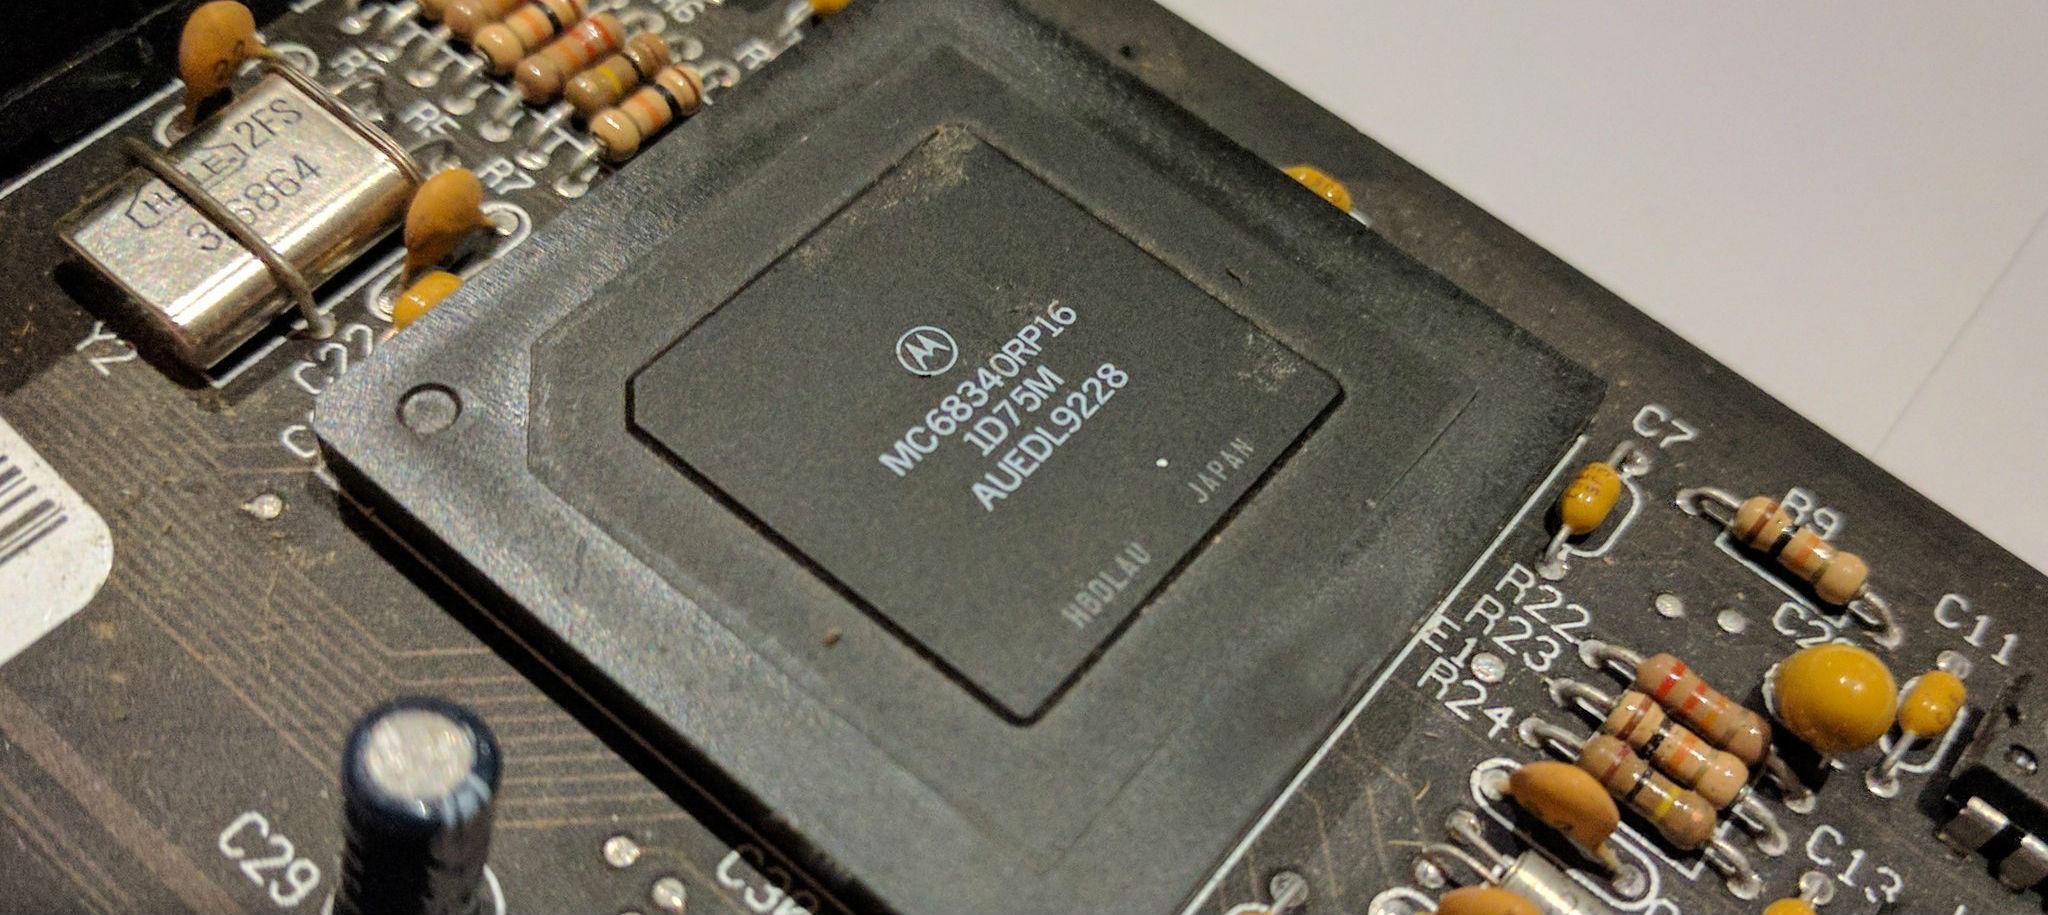 MC68340 cpu